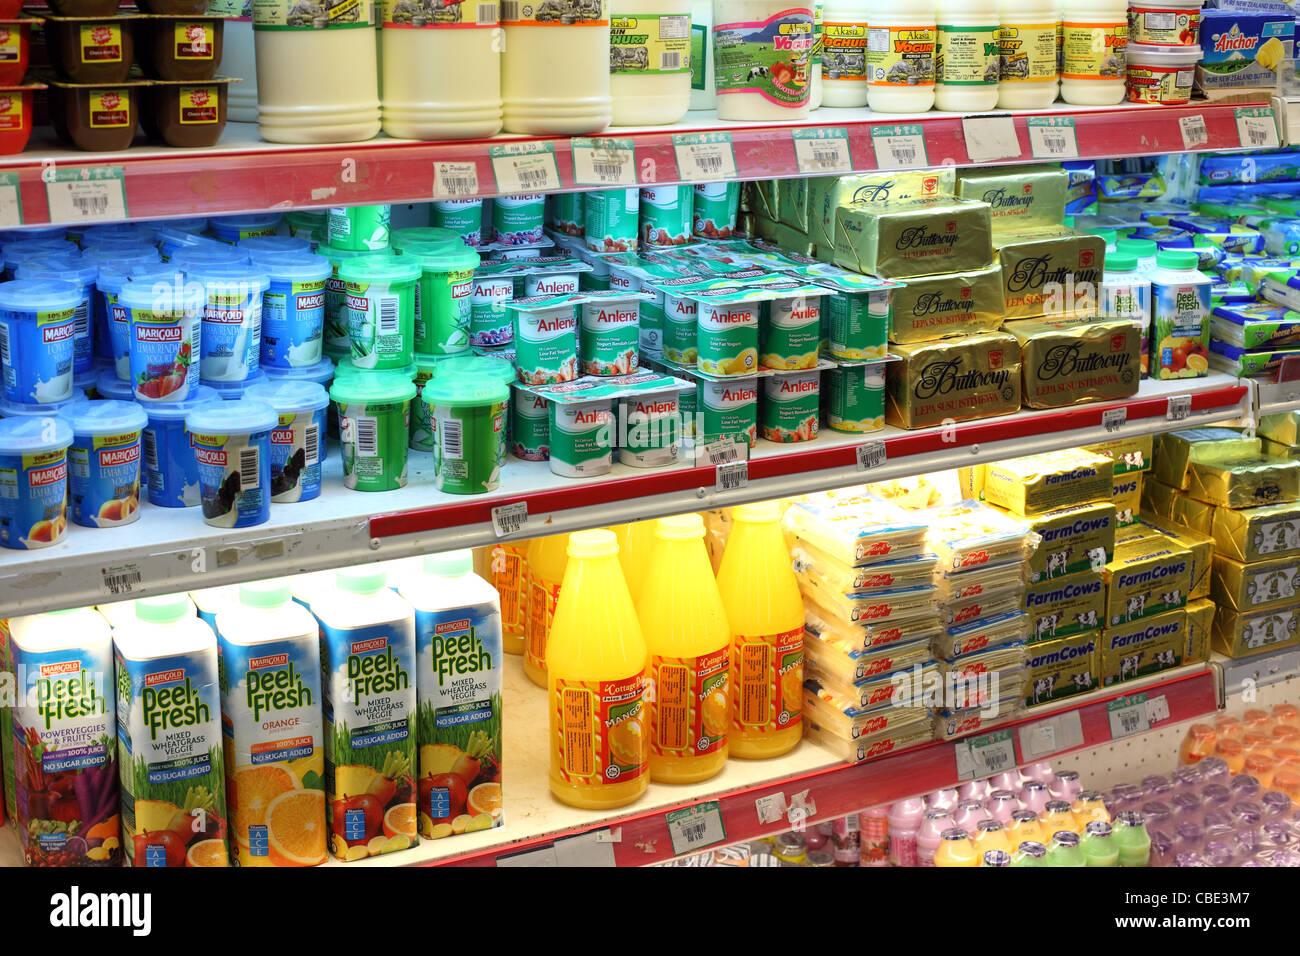 Produits laitiers réfrigérés, yaourts, fruits et jus en vente en  supermarché. Photo Stock 467aa2de0561